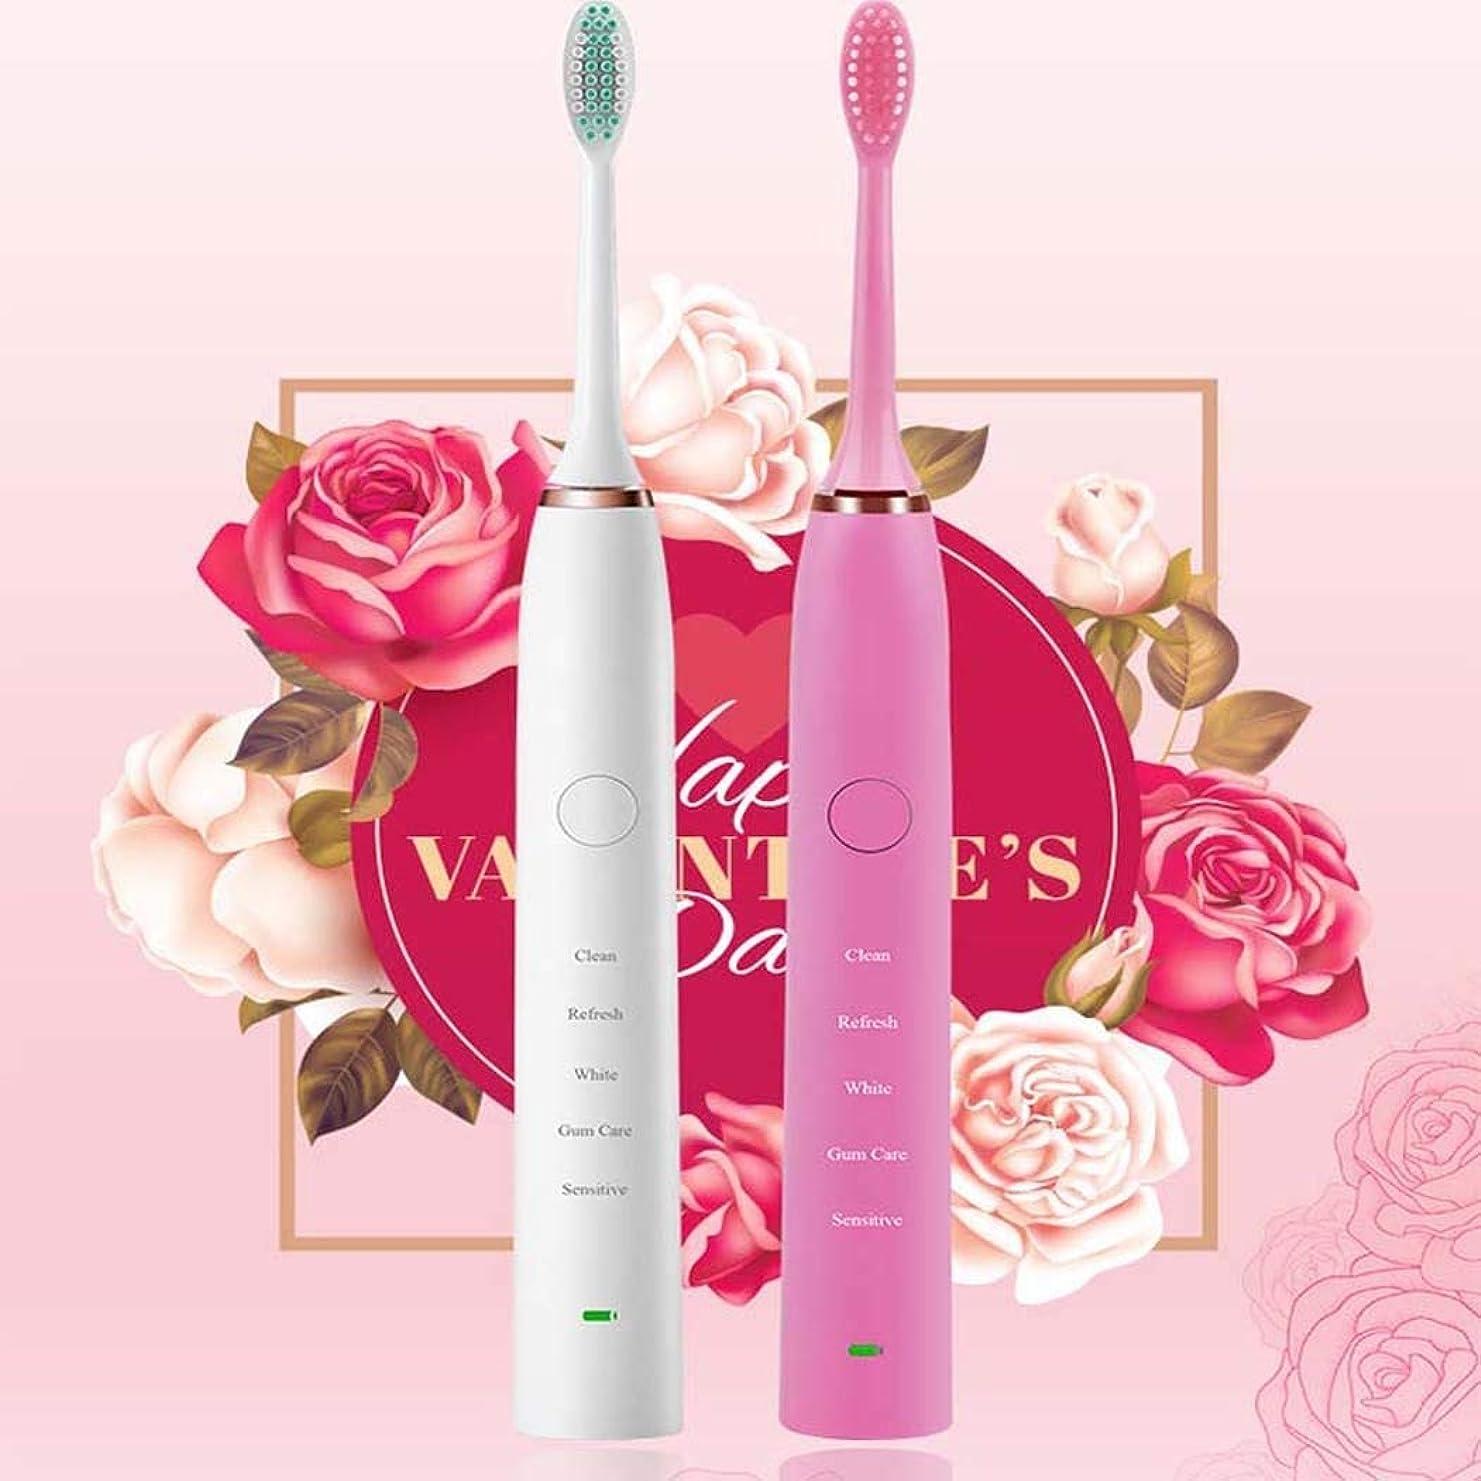 機密アラバマ比率電動歯ブラシ、ミュート防水電動歯ブラシ、恋人自動歯ブラシ充電式、インテリジェントタイミング、USB充電方法